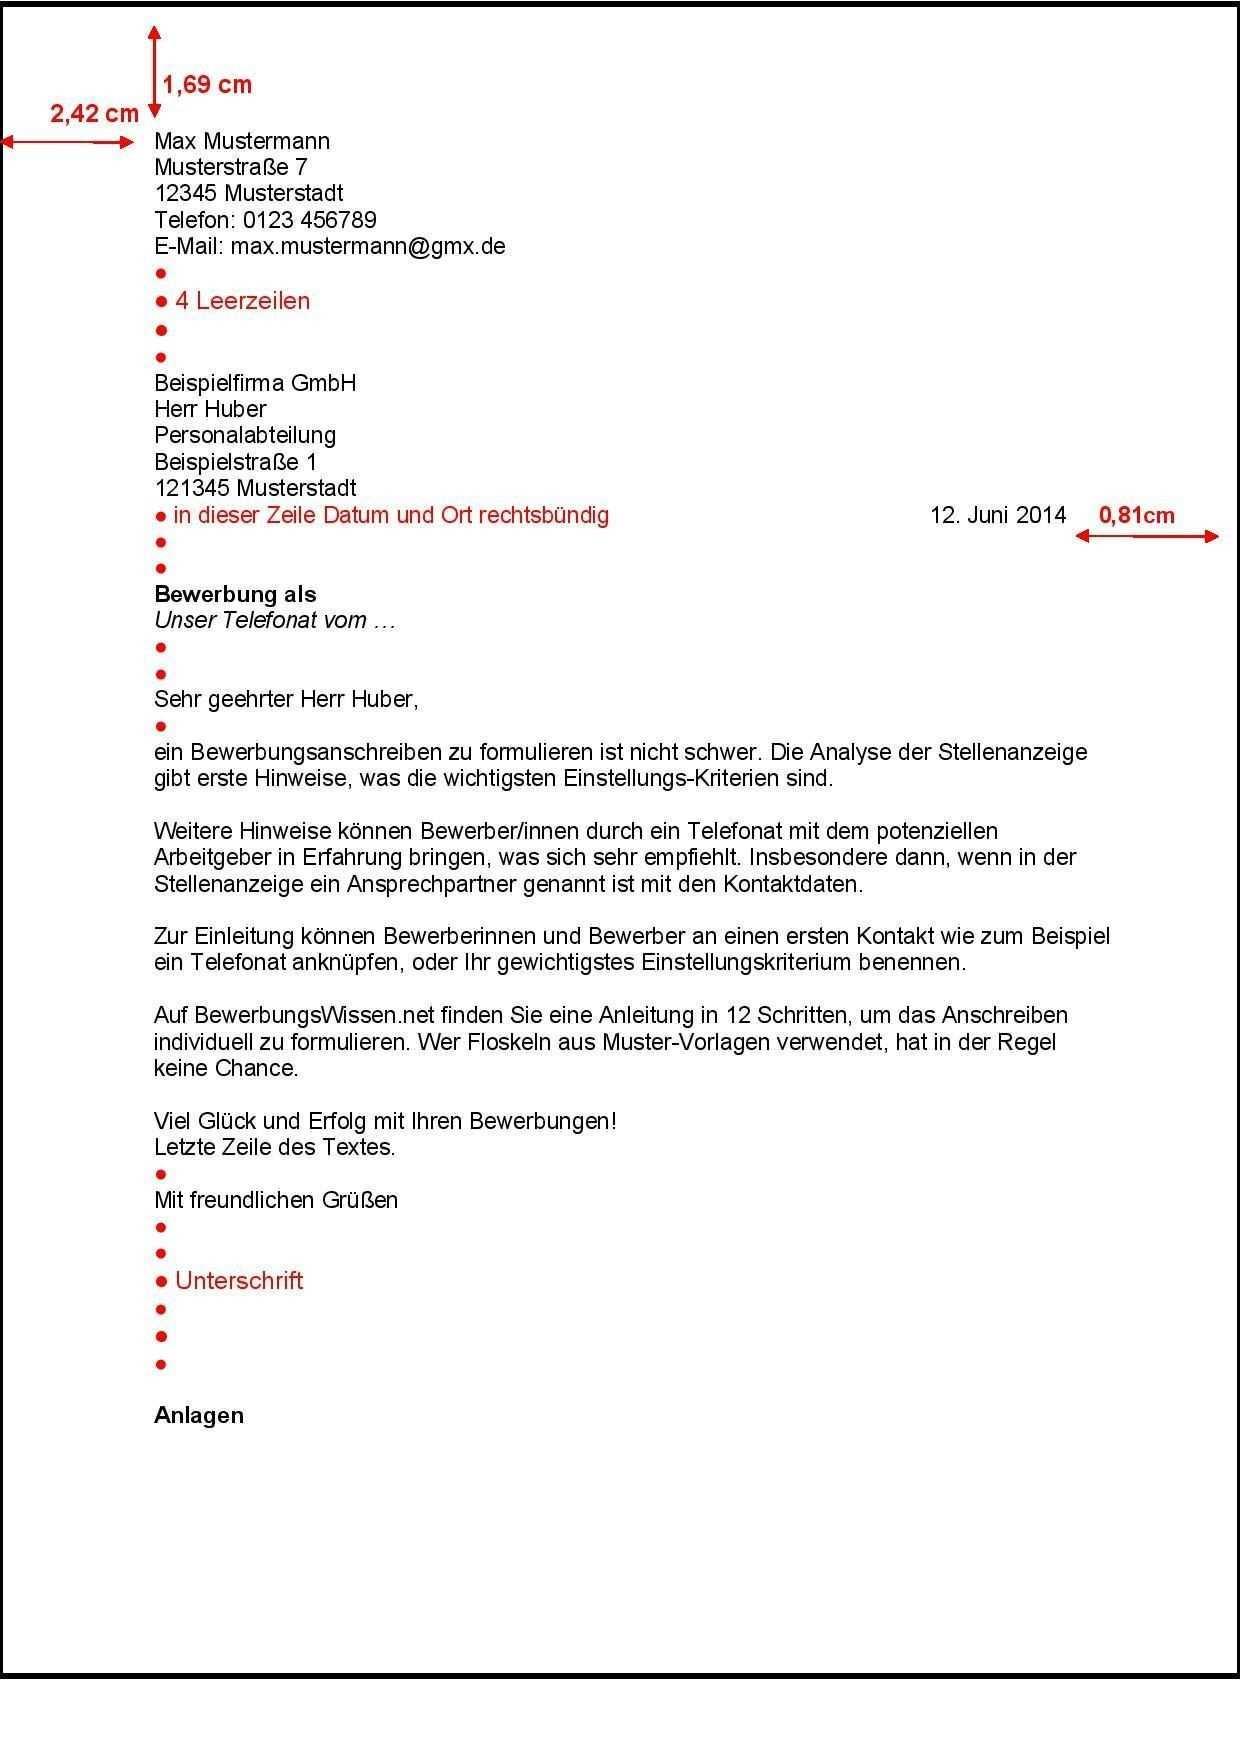 Frisch Din 5008 Bewerbung Vorlage Word Briefprobe Briefformat Briefvorlage Bewerbung Anschreiben Bewerbung Schreiben Bewerbung Anschreiben Vorlage